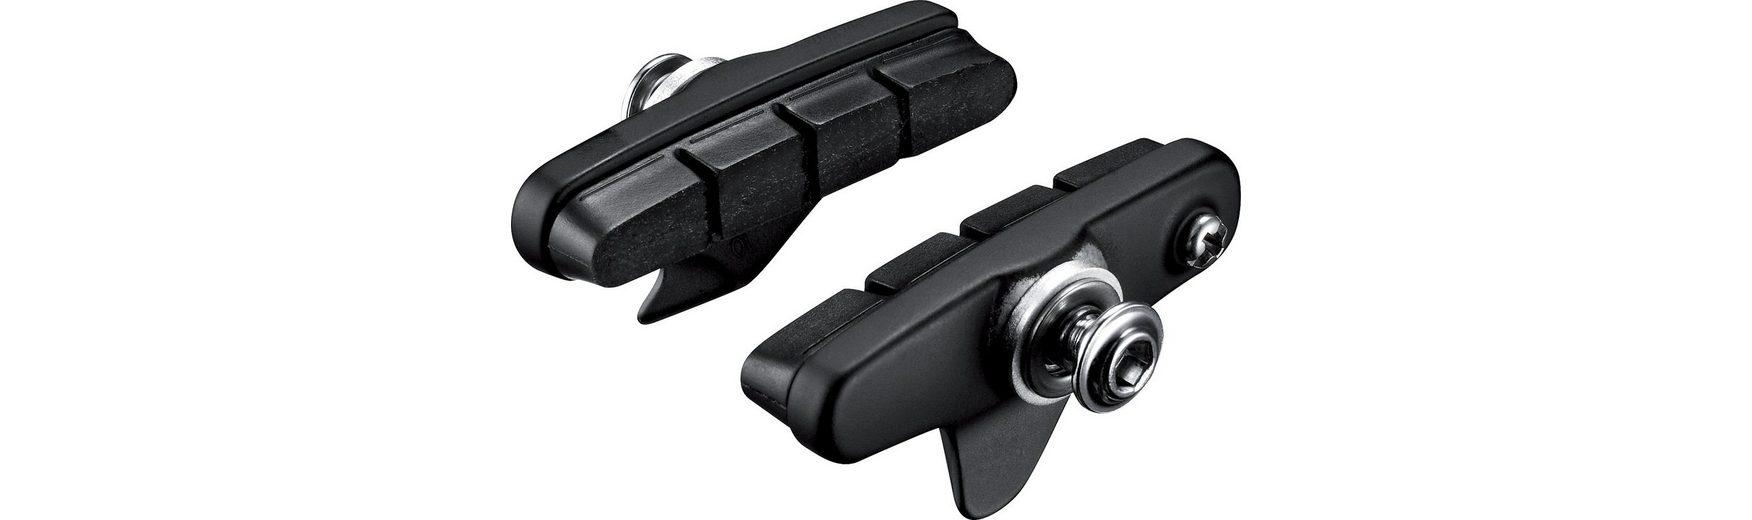 Shimano Bremsbelag »R55C4 Cartridge Bremsschuhe für BR-5800«